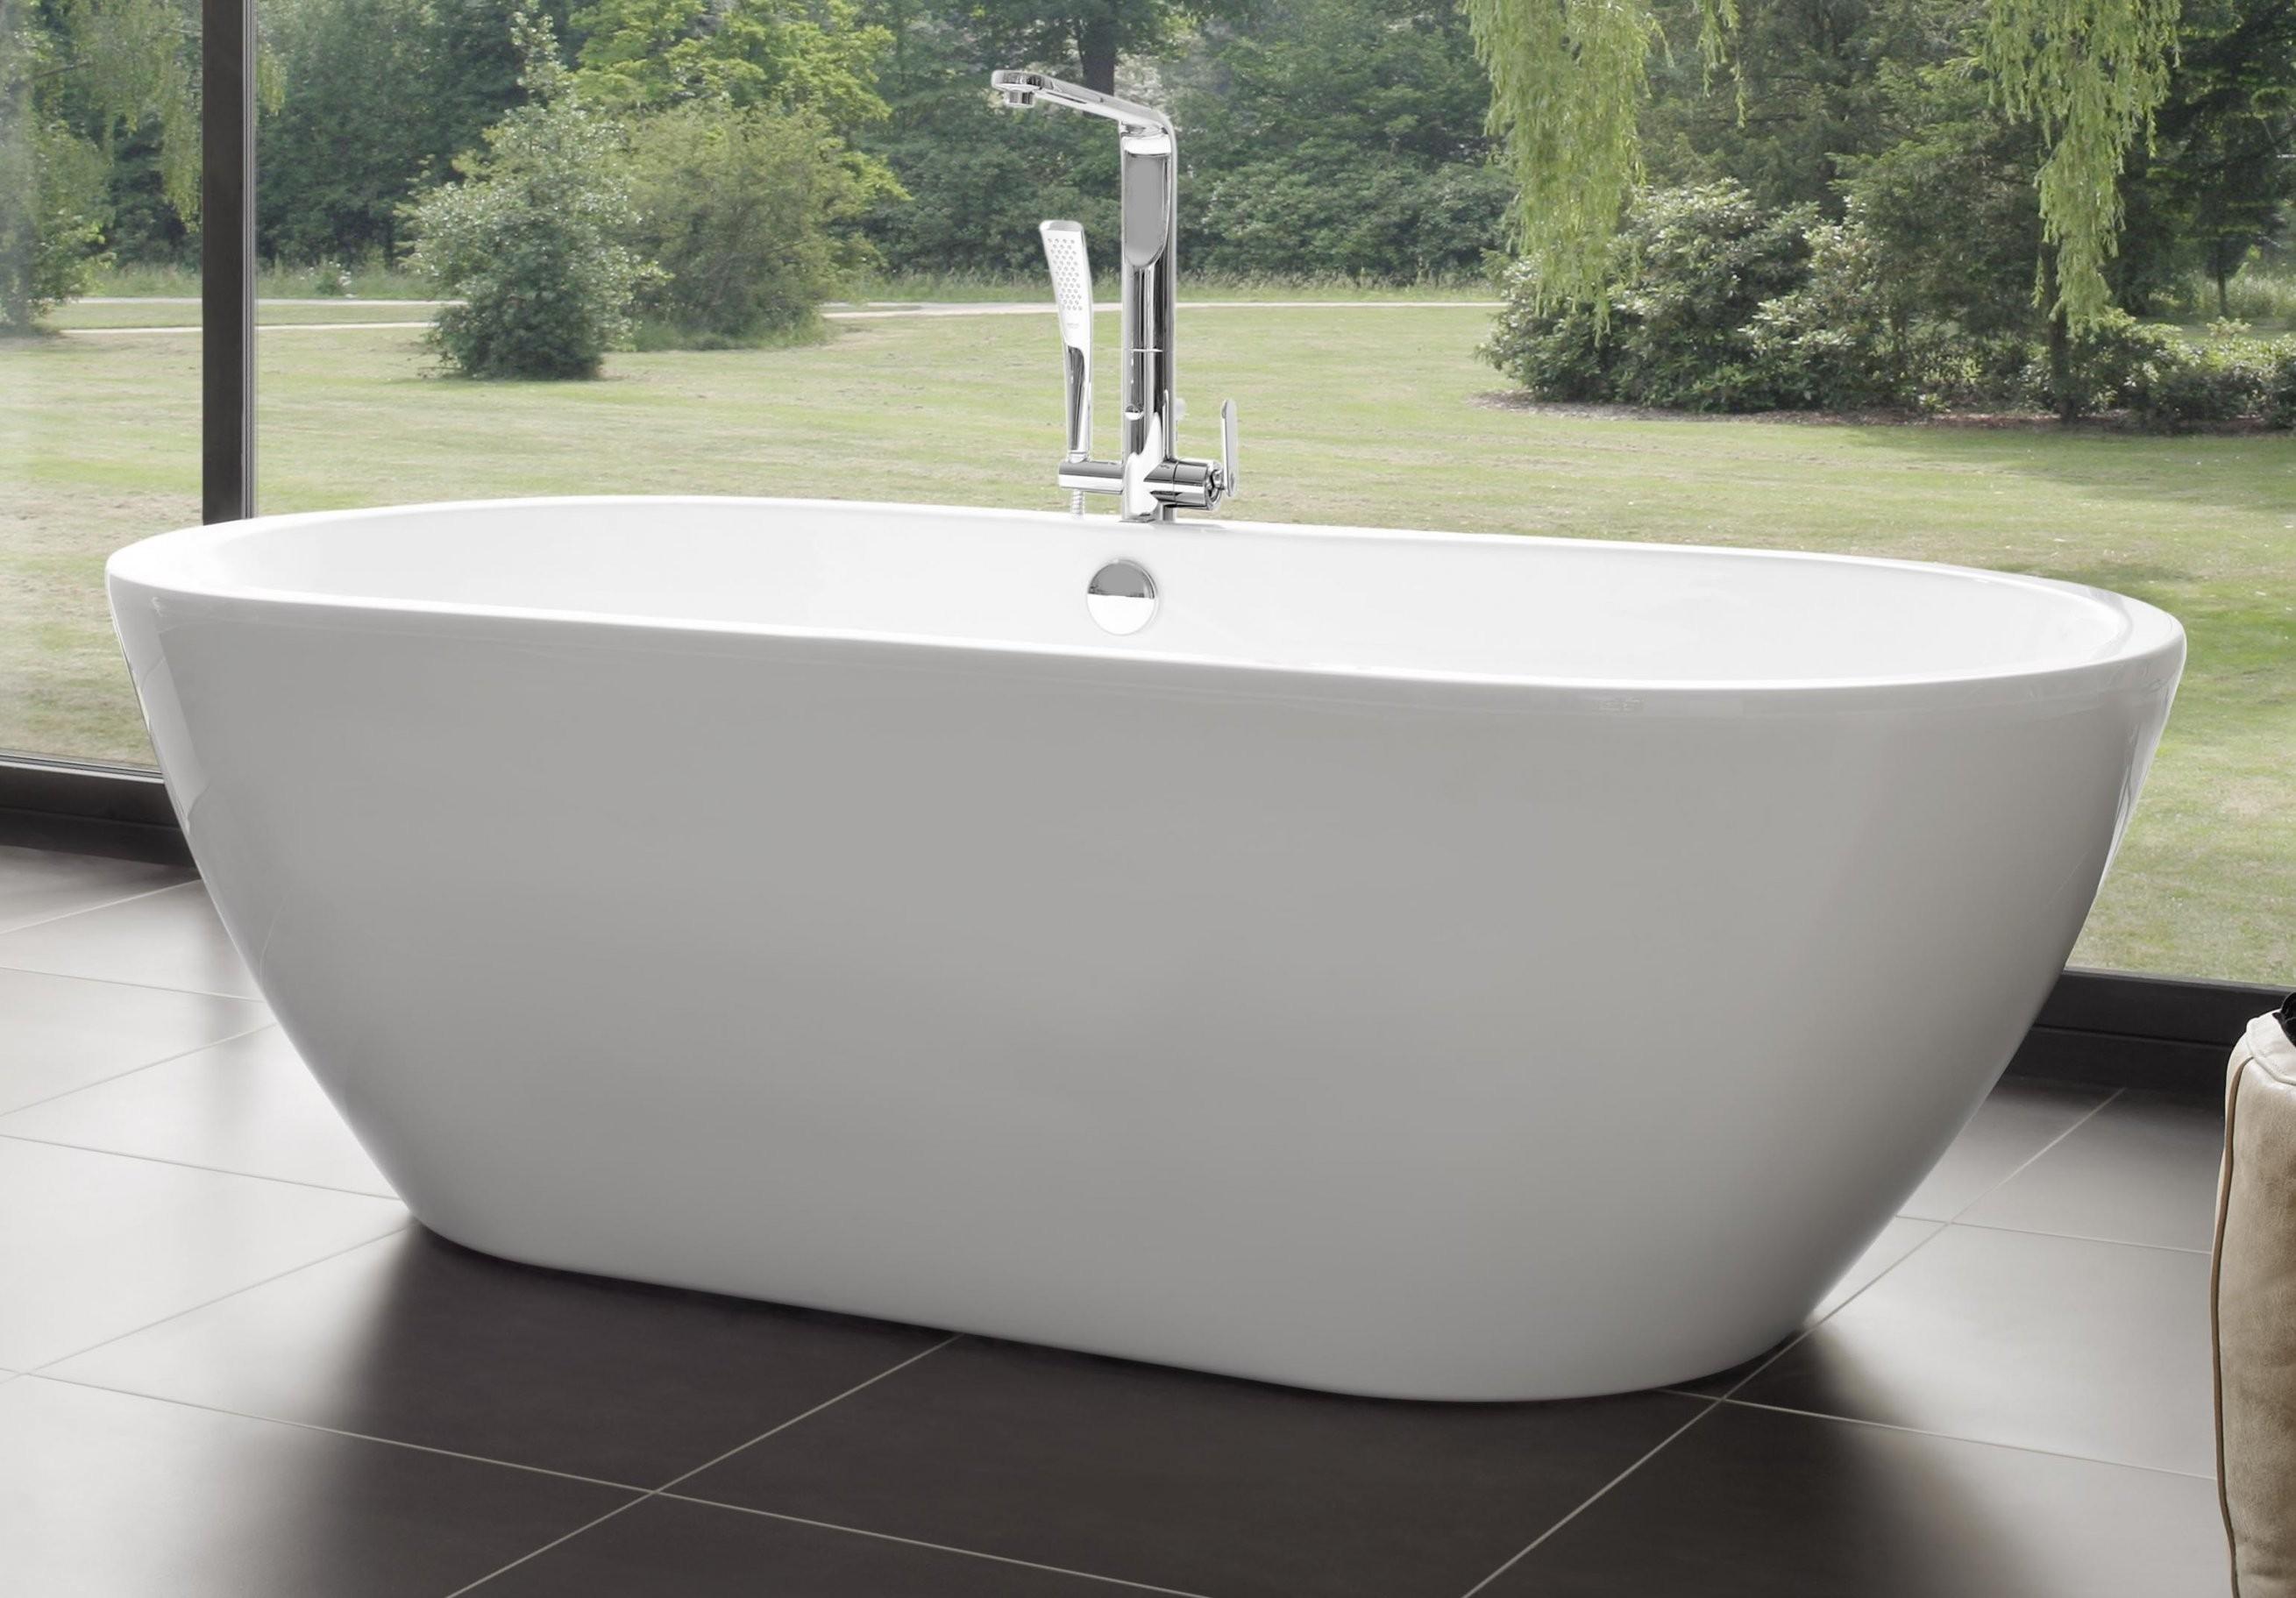 Freistehende Badewanne Form  Novobad von Badewanne Emaille Freistehend Bild